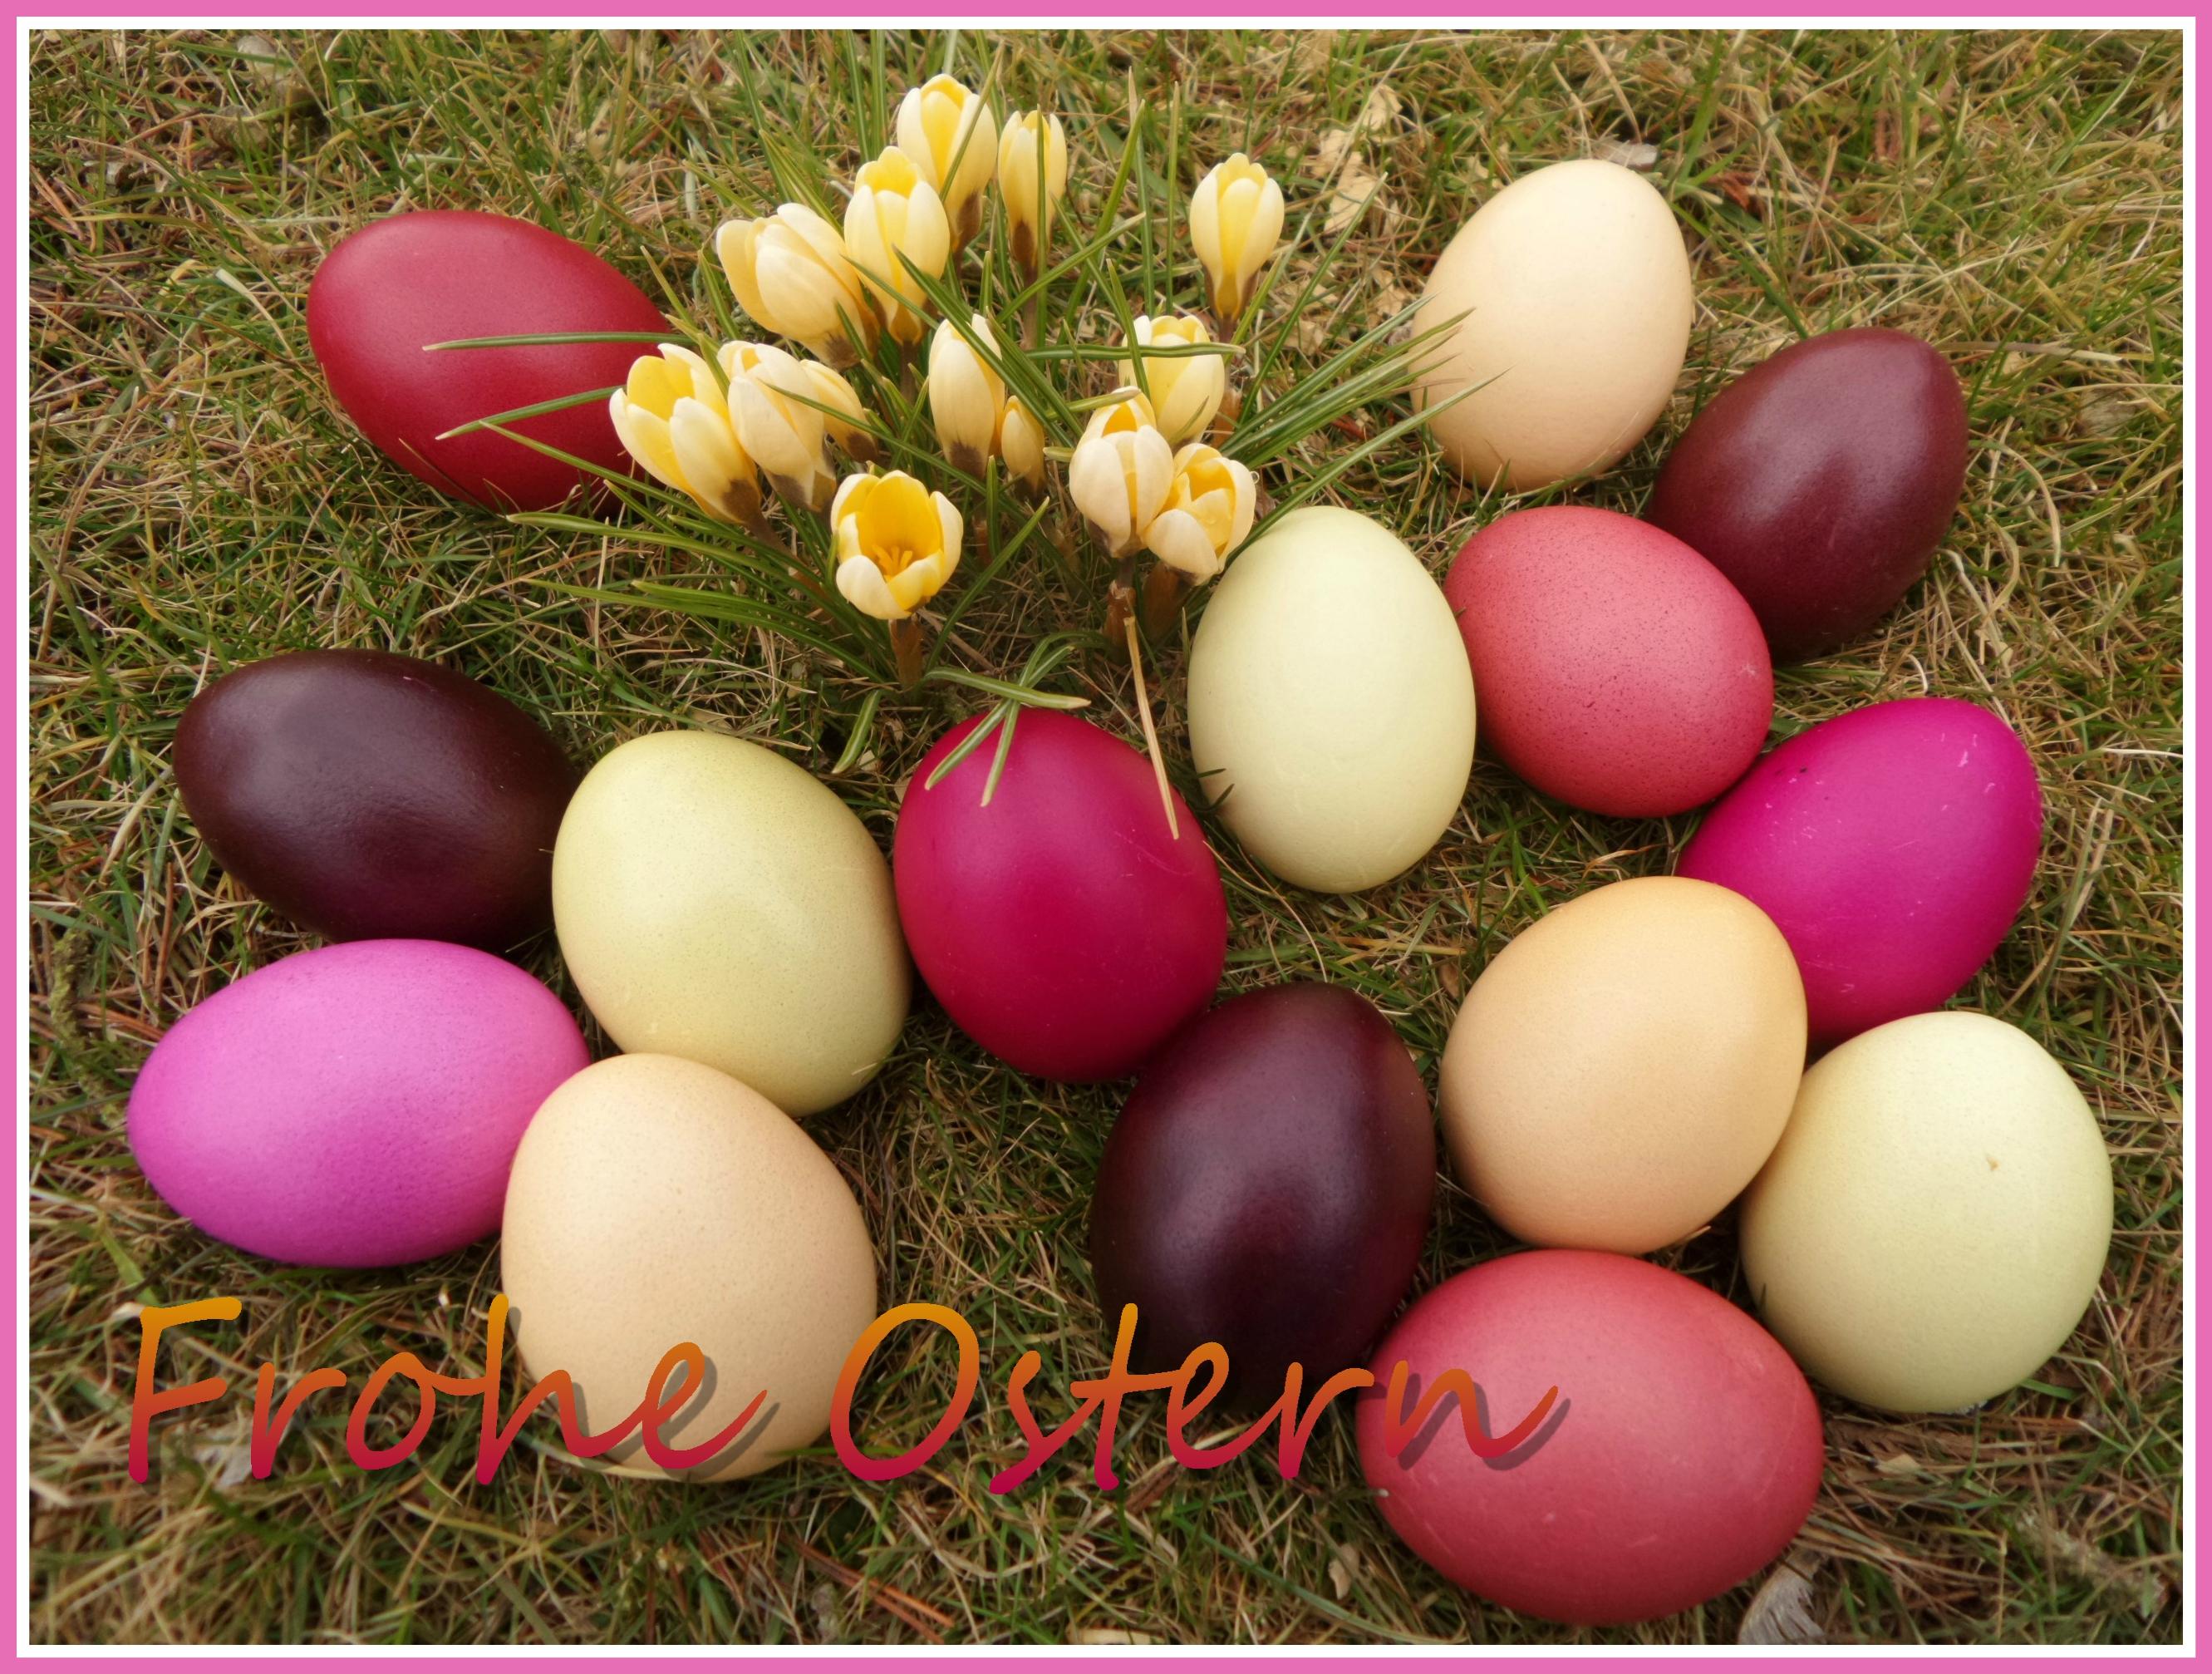 Gastbeitrag: Ostereier natürlich färben - nach alter Tradition